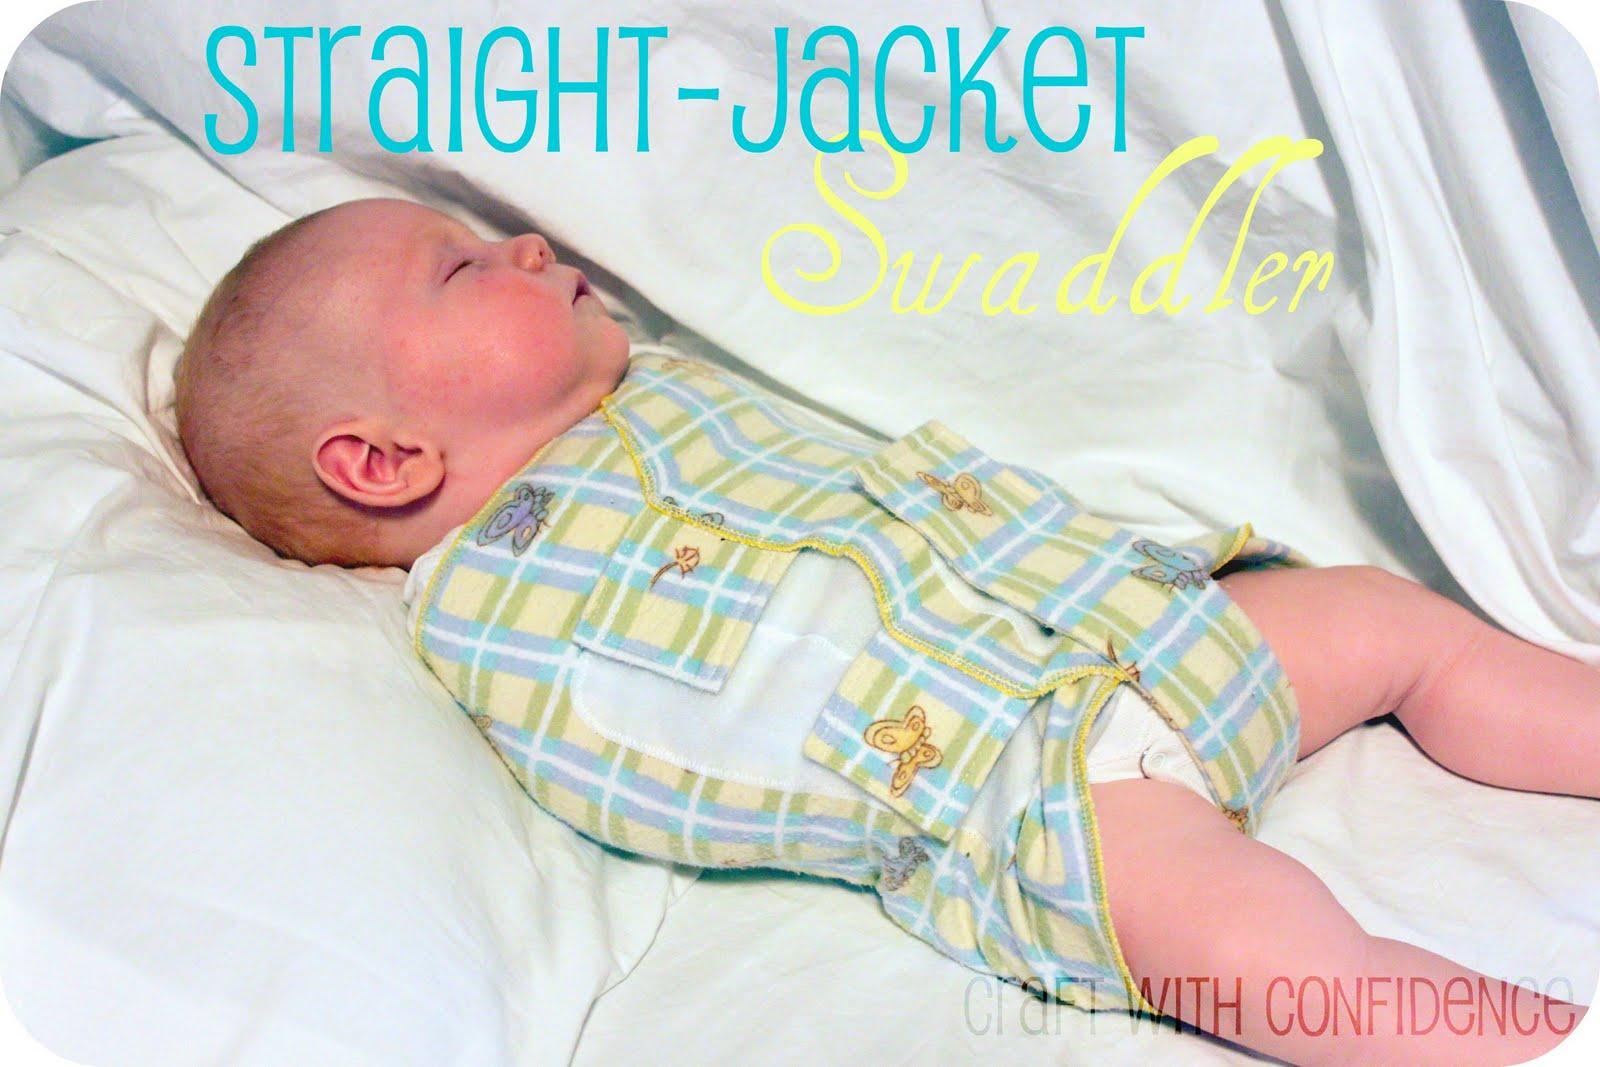 http://4.bp.blogspot.com/-M22R6l1VjCs/TdqnwnkfRqI/AAAAAAAAFWw/IMbWvmQdqxc/s1600/straight+jacket+swaddler.jpg